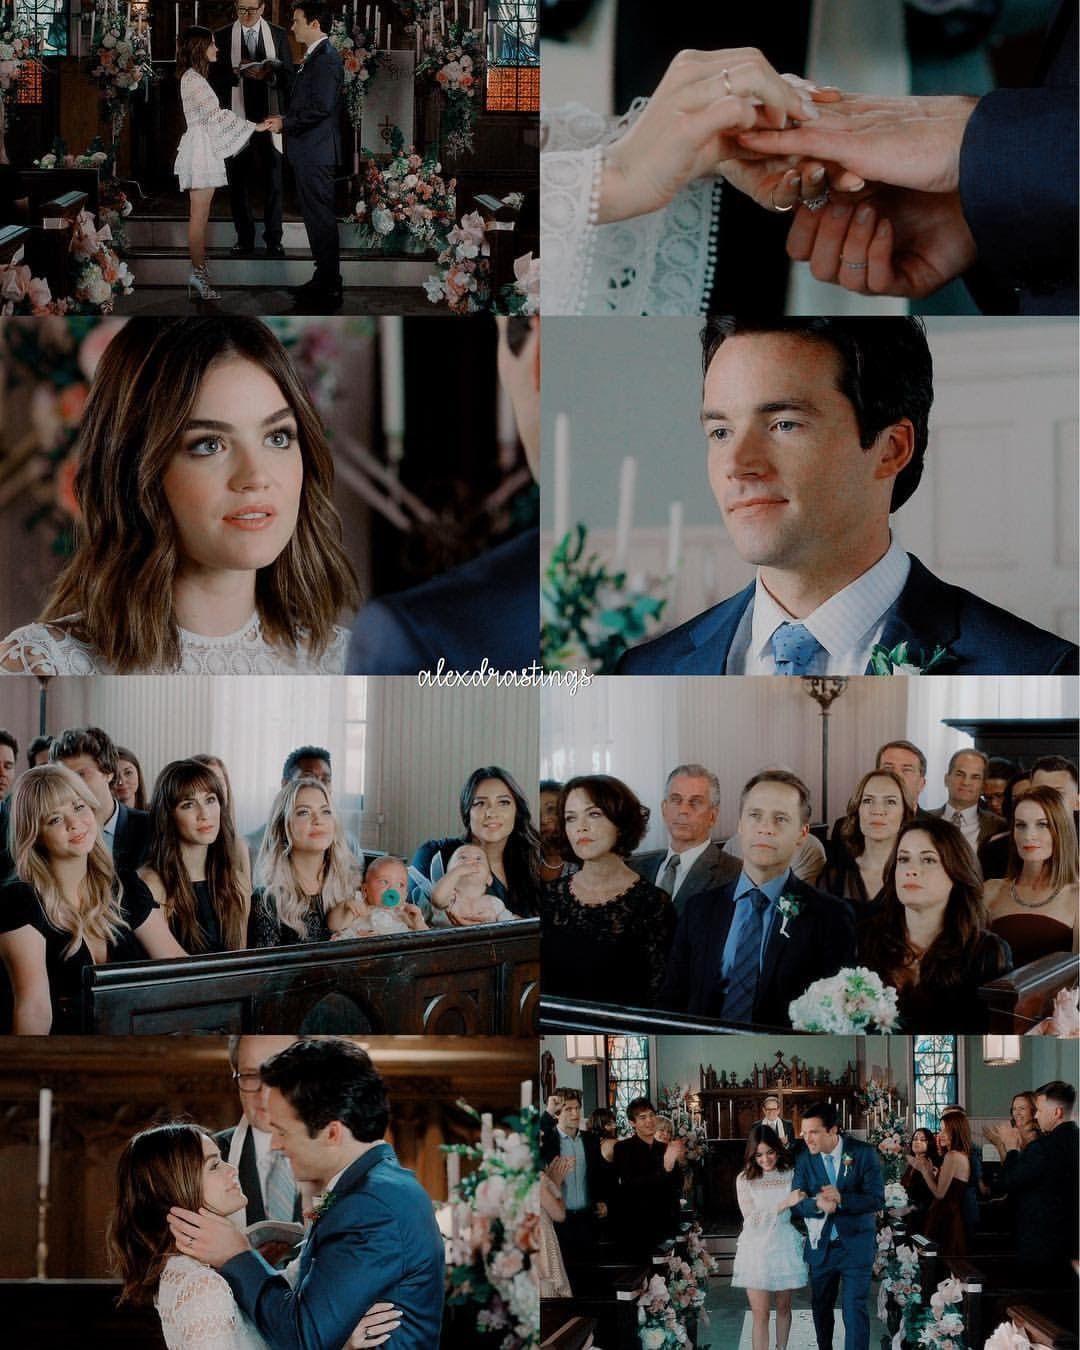 Ezria Wedding Pretty Little Liars Series Pretty Little Liars Preety Little Liars